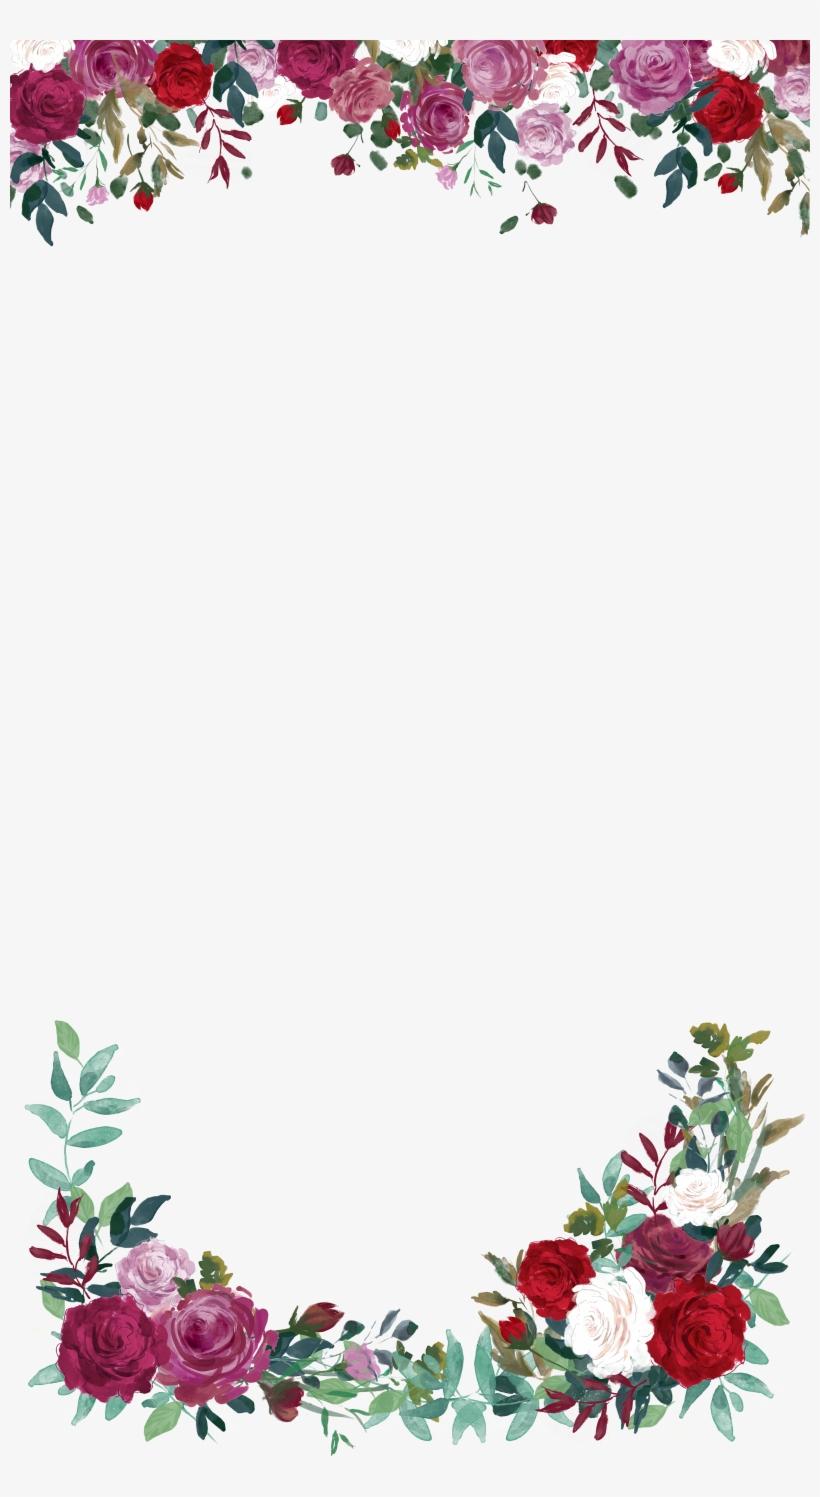 Roses Wedding Snapchat Filter Geofilter Maker On Filterpop